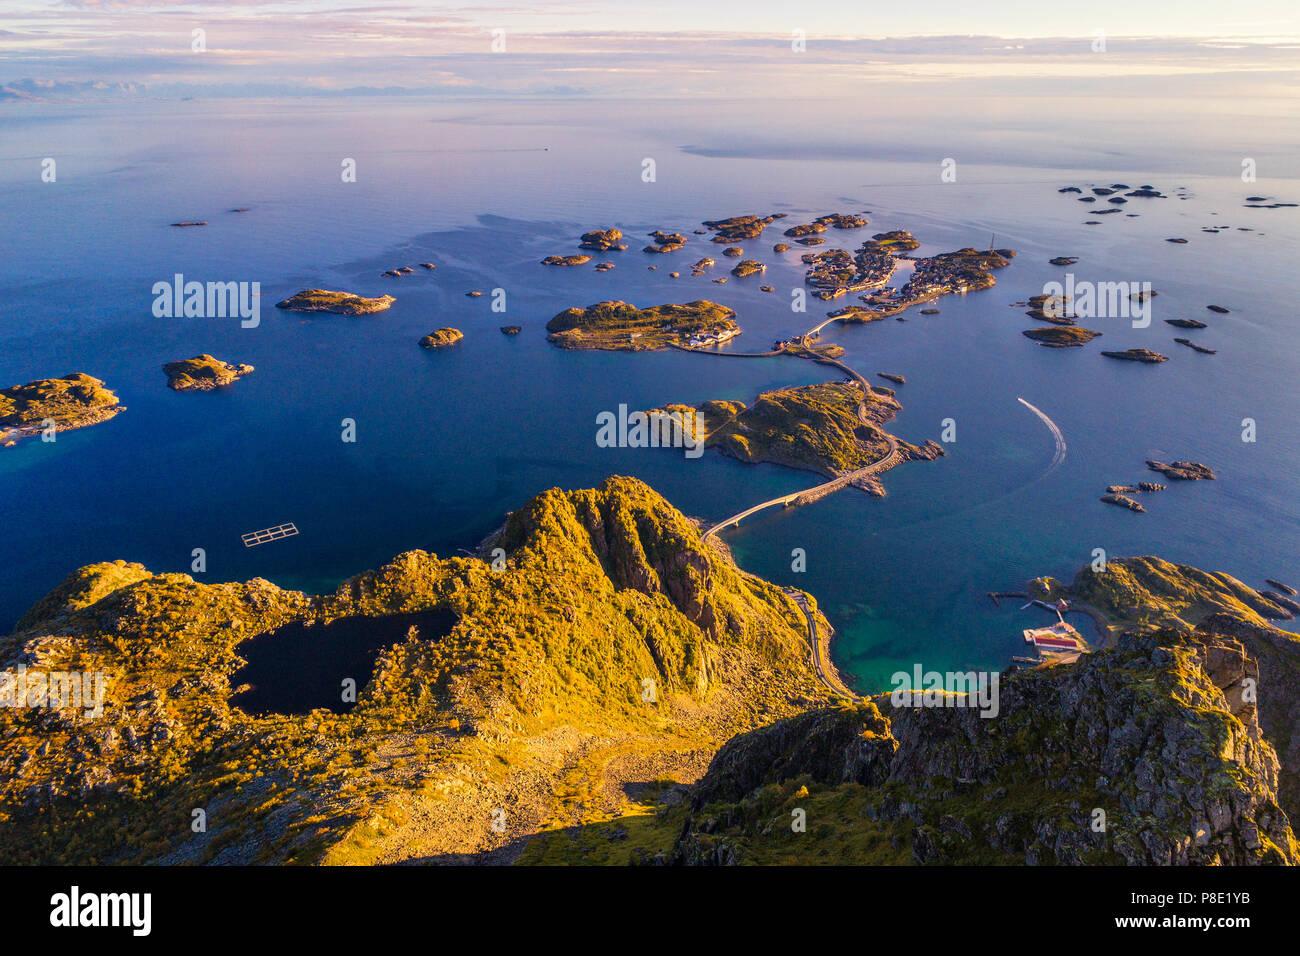 Sommet du mont Festvagtinden sur les îles Lofoten en Norvège Photo Stock